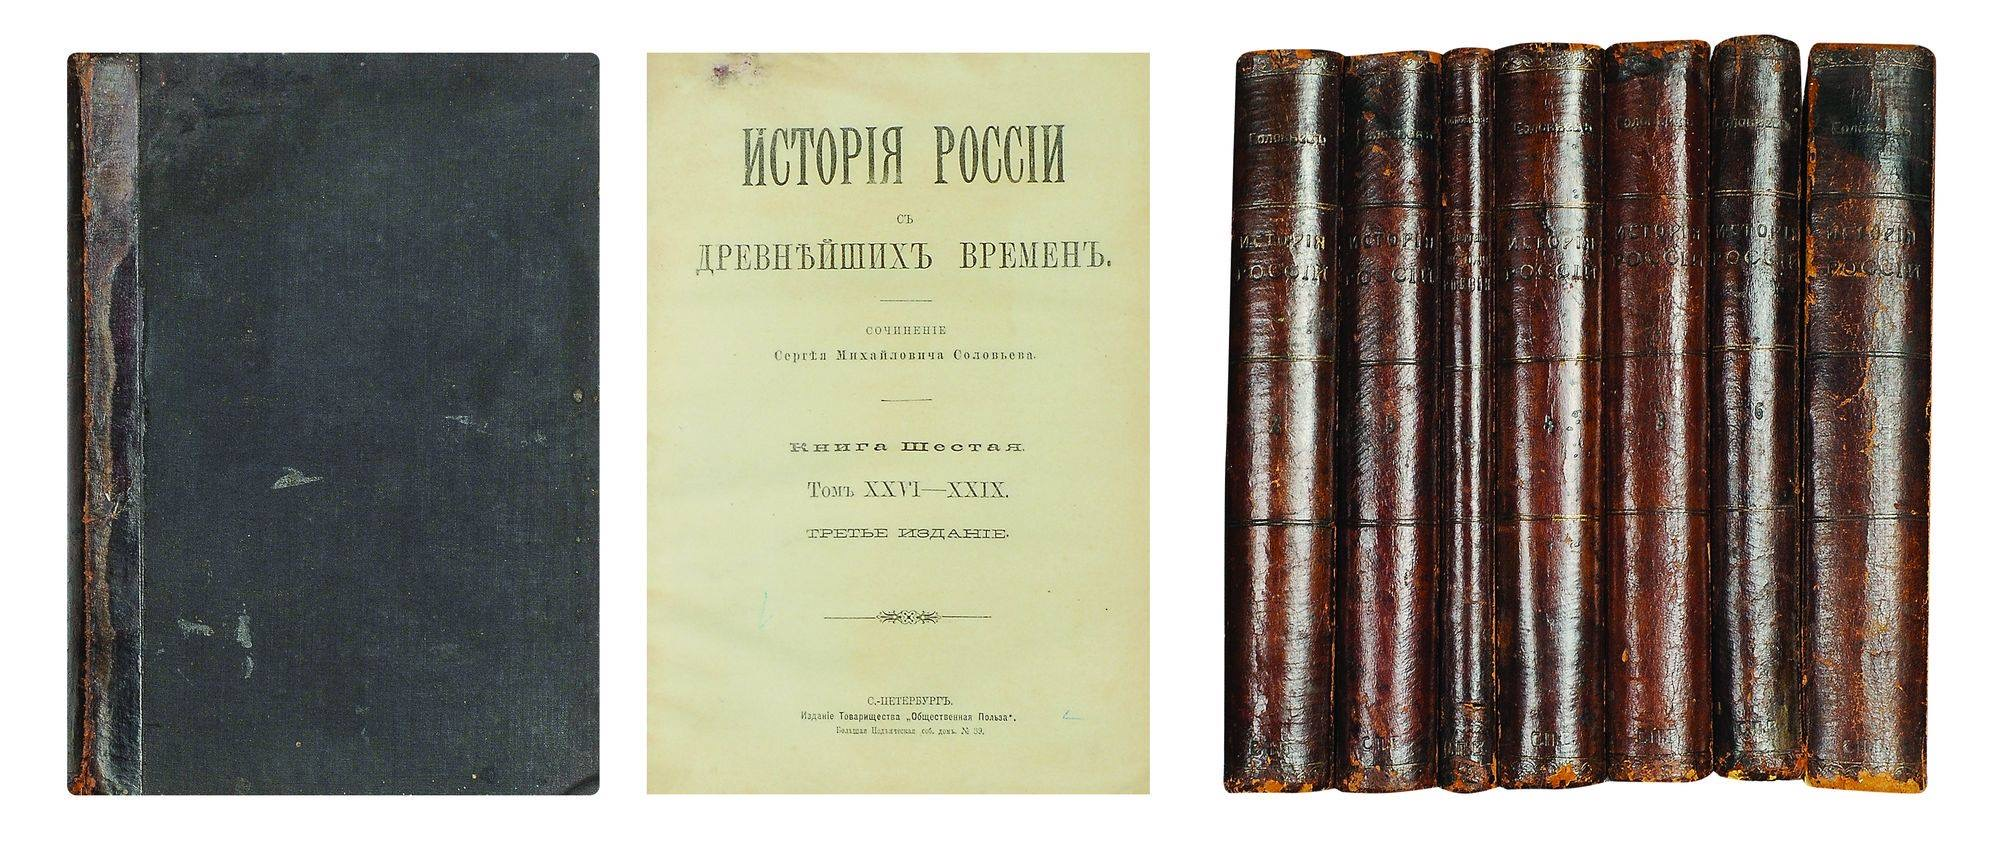 2-е издание «Истории России с древнейших времен» С.М. Соловьева. Источник: Викимедиа